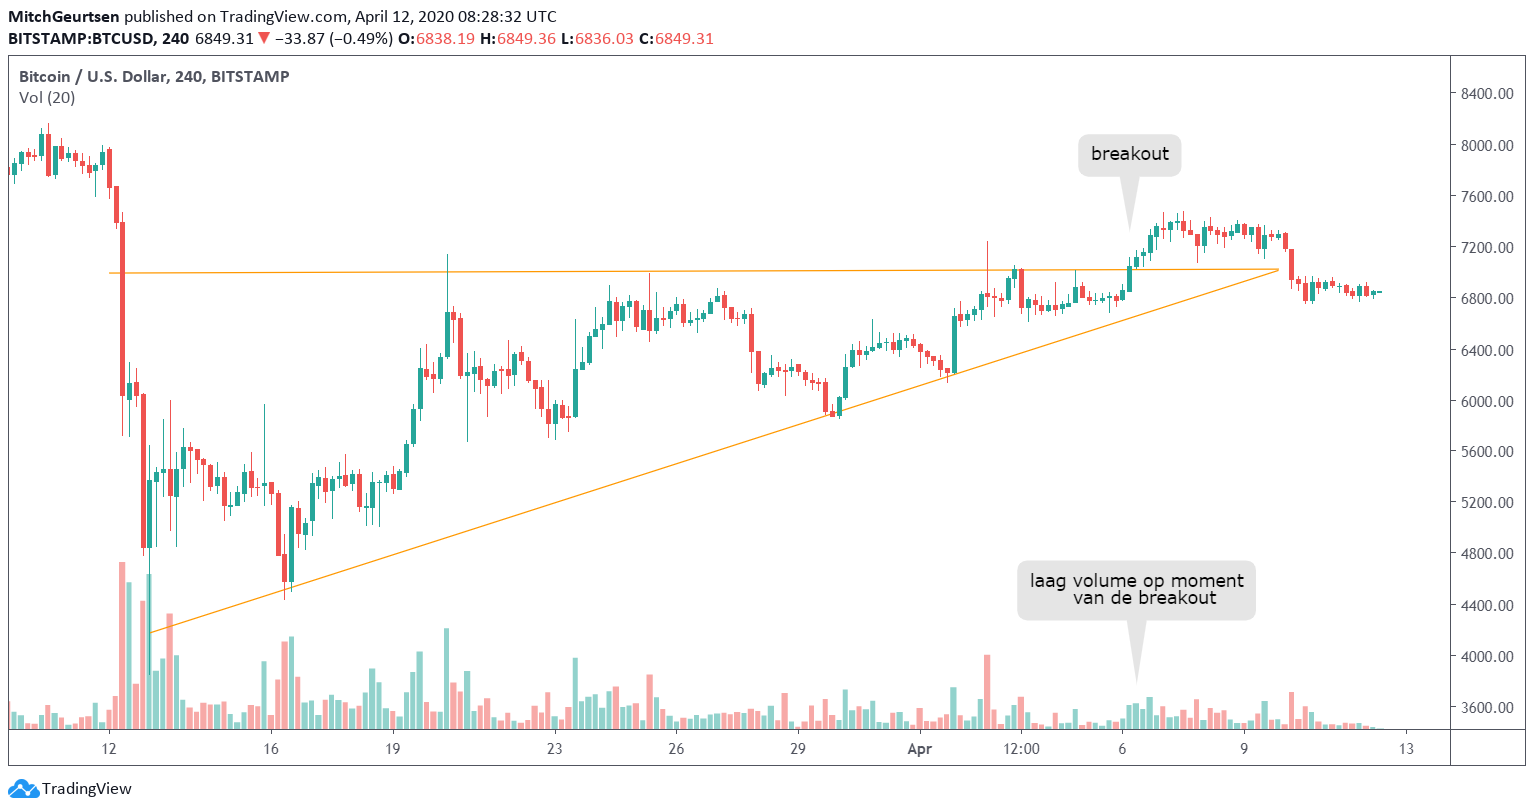 Bitcoin Grafiek Break-out